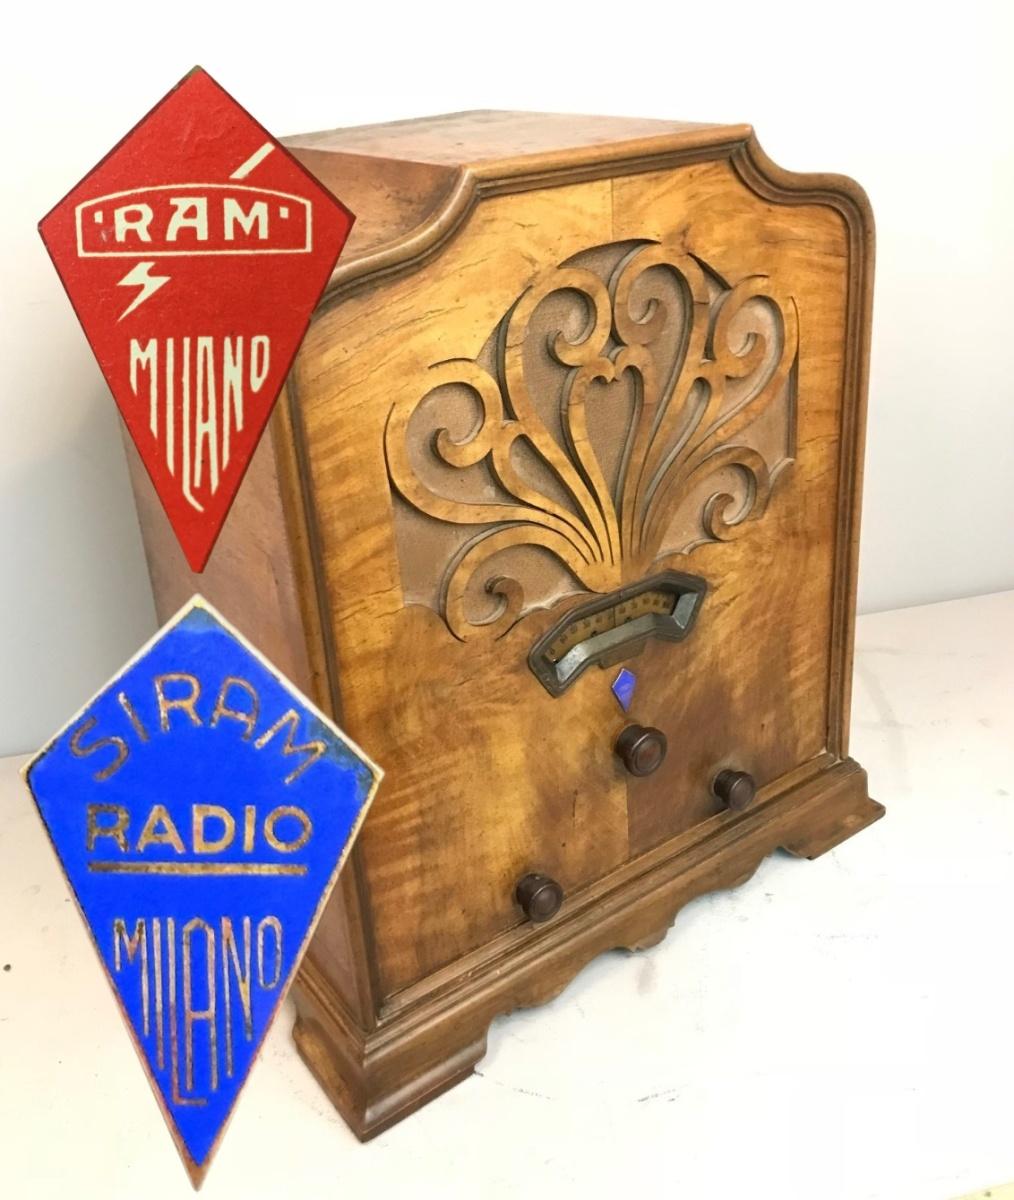 Siram Radio, la cupola della Ramazzotti. Bellissima e molto rara